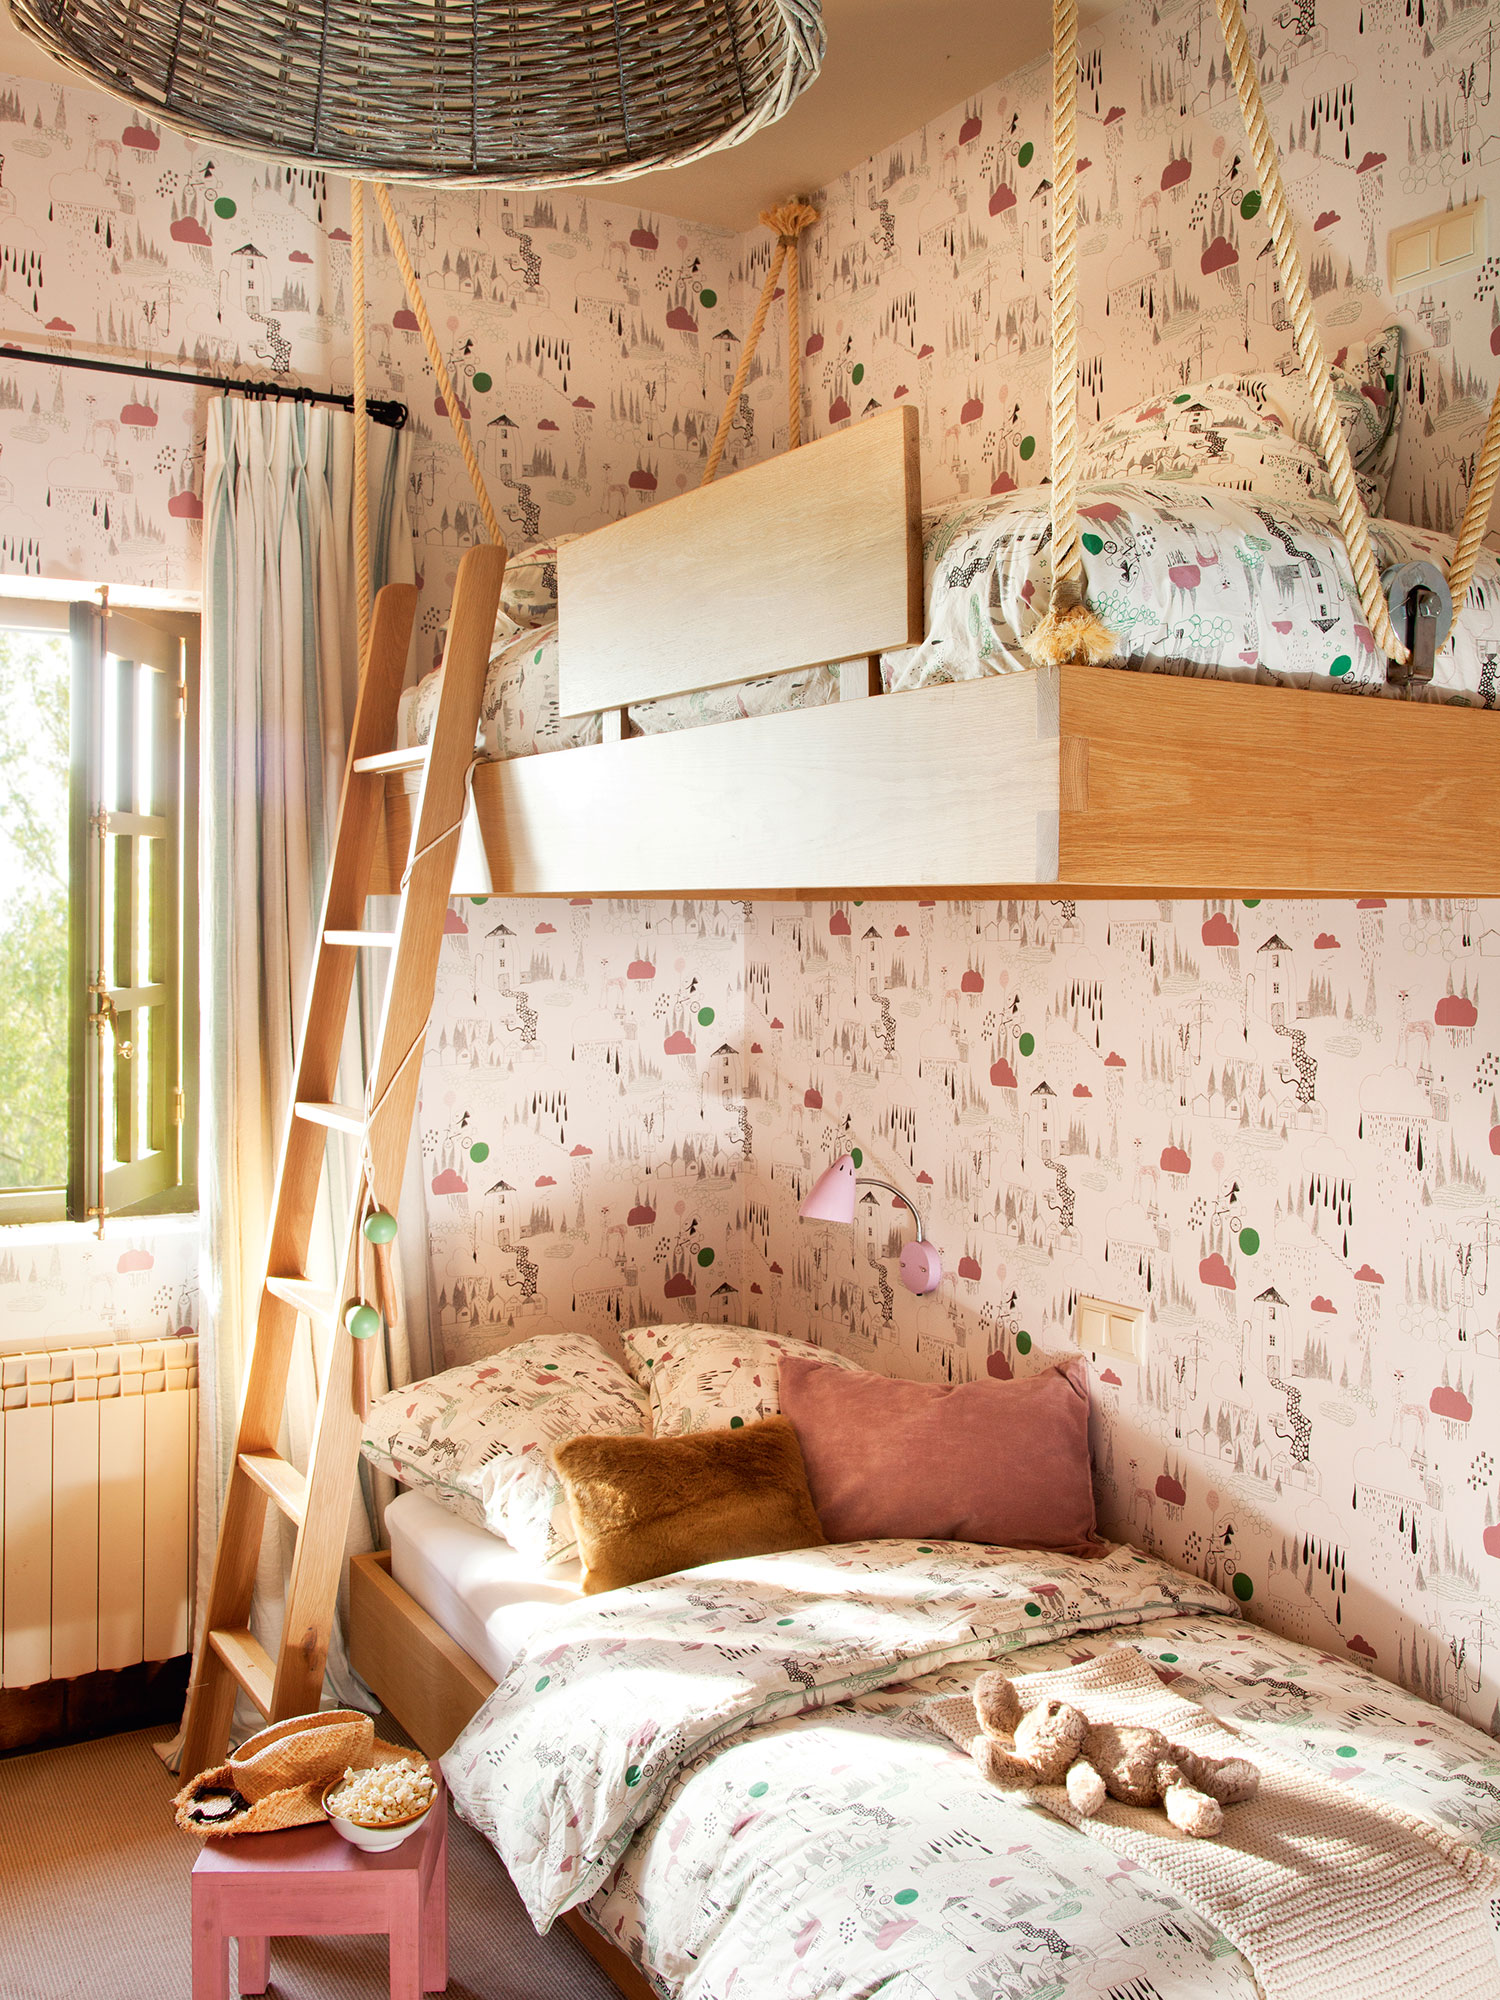 Decora la habitaci n infantil con papel pintado - Decoracion paredes habitacion infantil ...